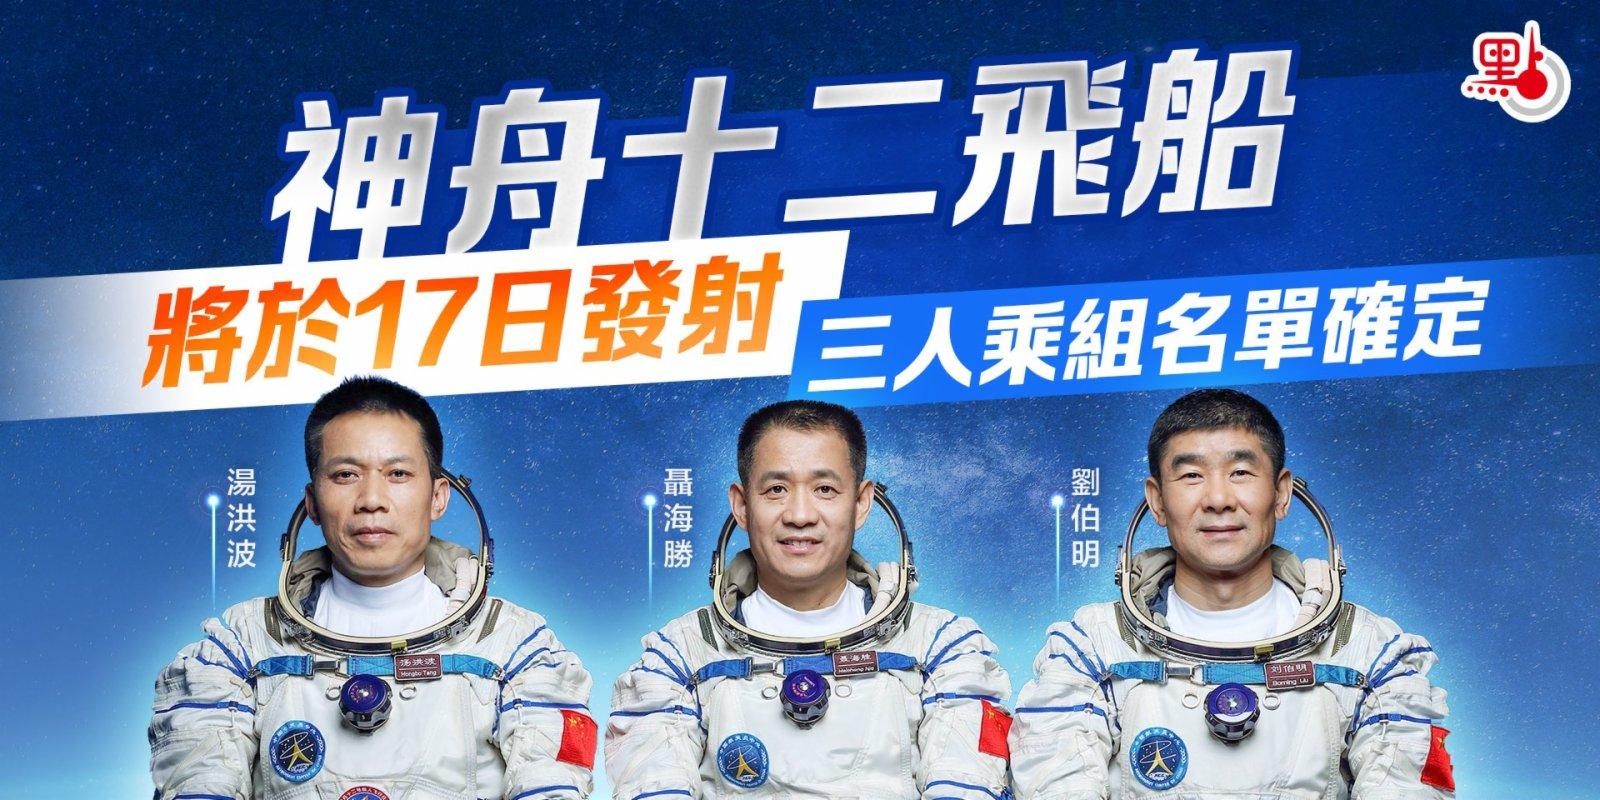 神舟十二飛船將於17日發射 三人乘組名單確定